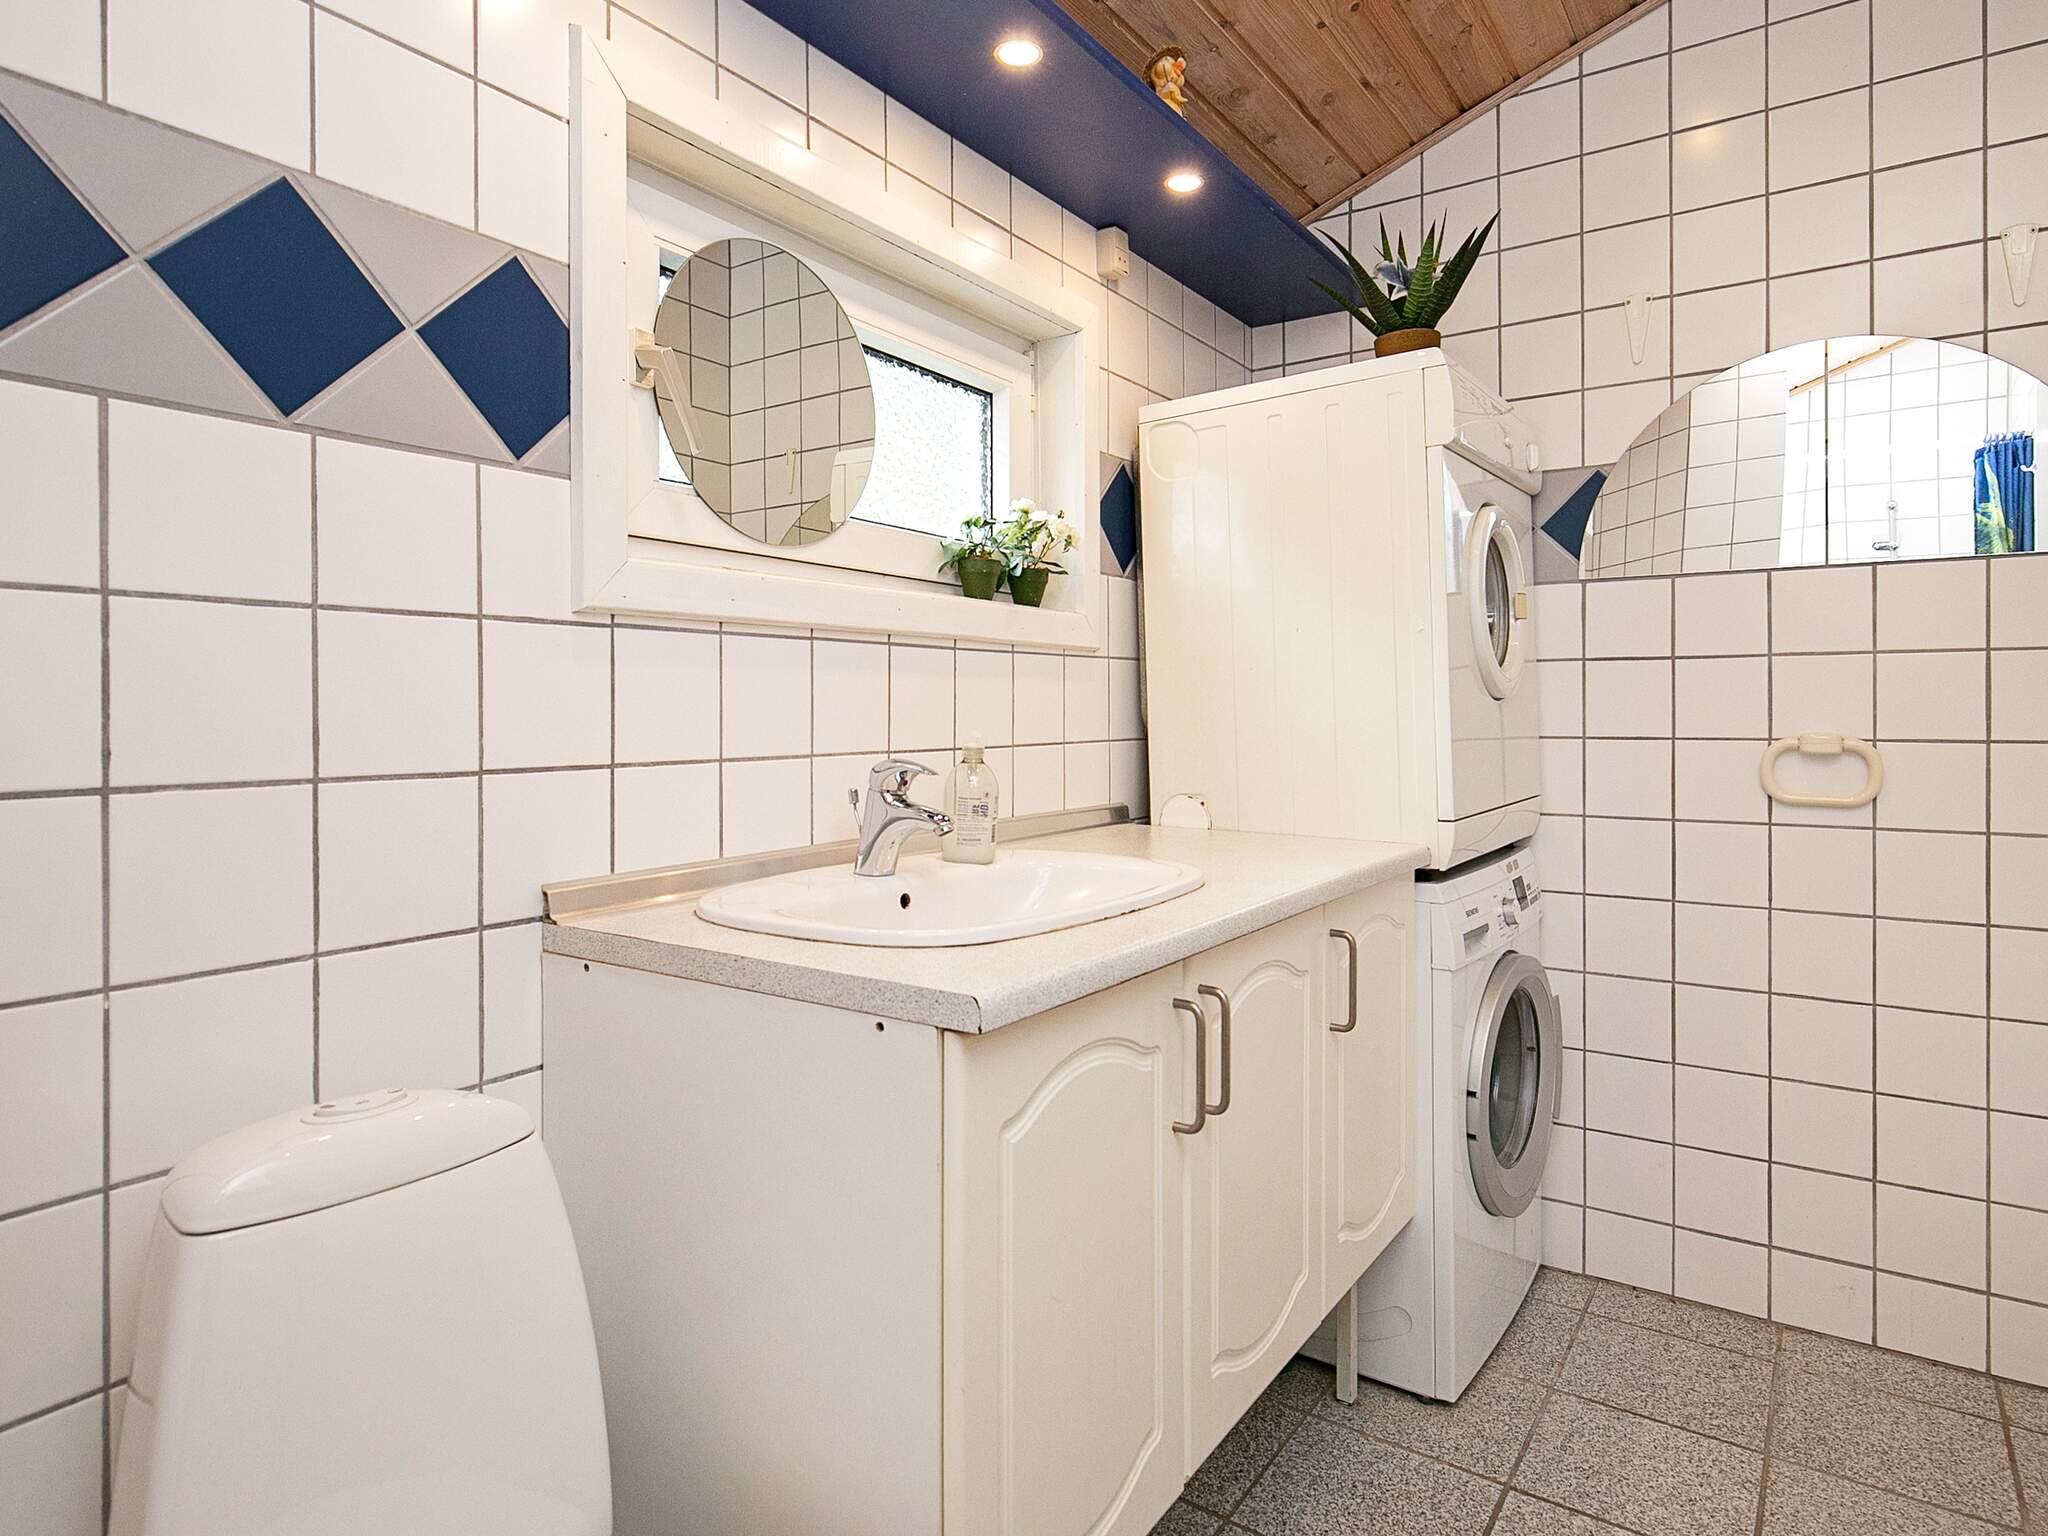 Ferienhaus Marielyst (83562), Marielyst, , Falster, Dänemark, Bild 3